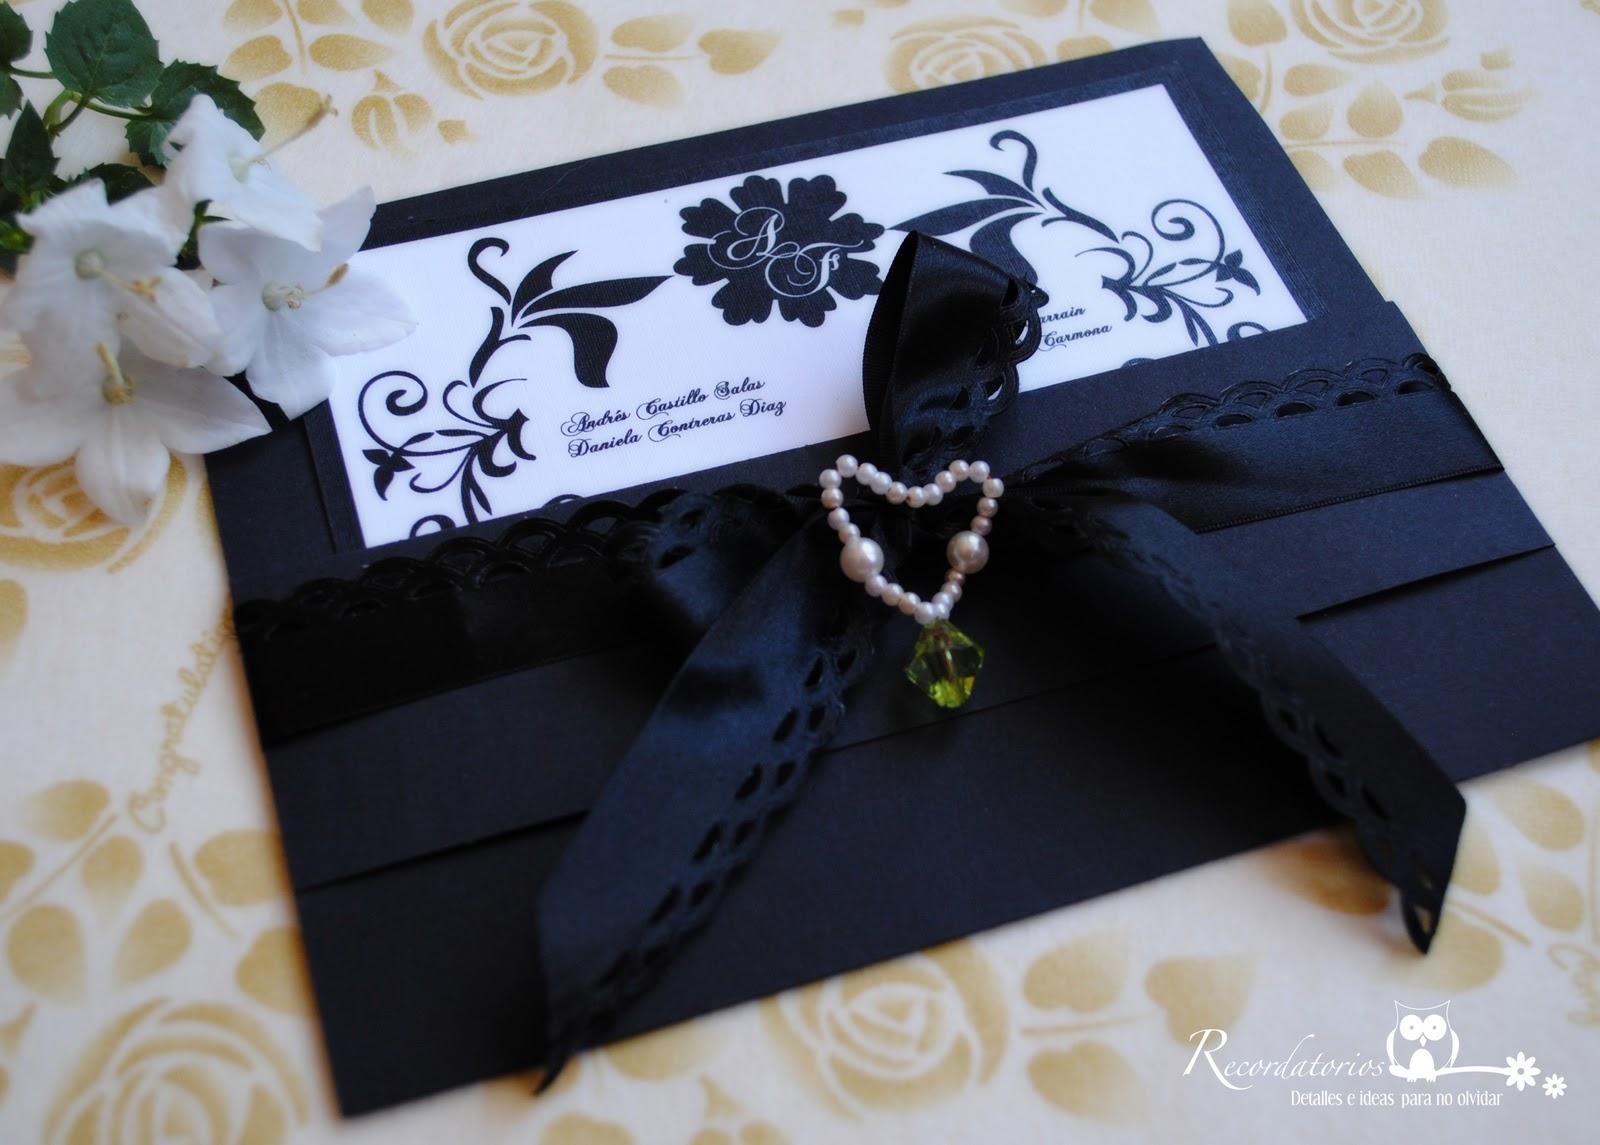 Recordatorio detalles e ideas para no olvidar abril 2011 - Detalles de boda elegantes ...